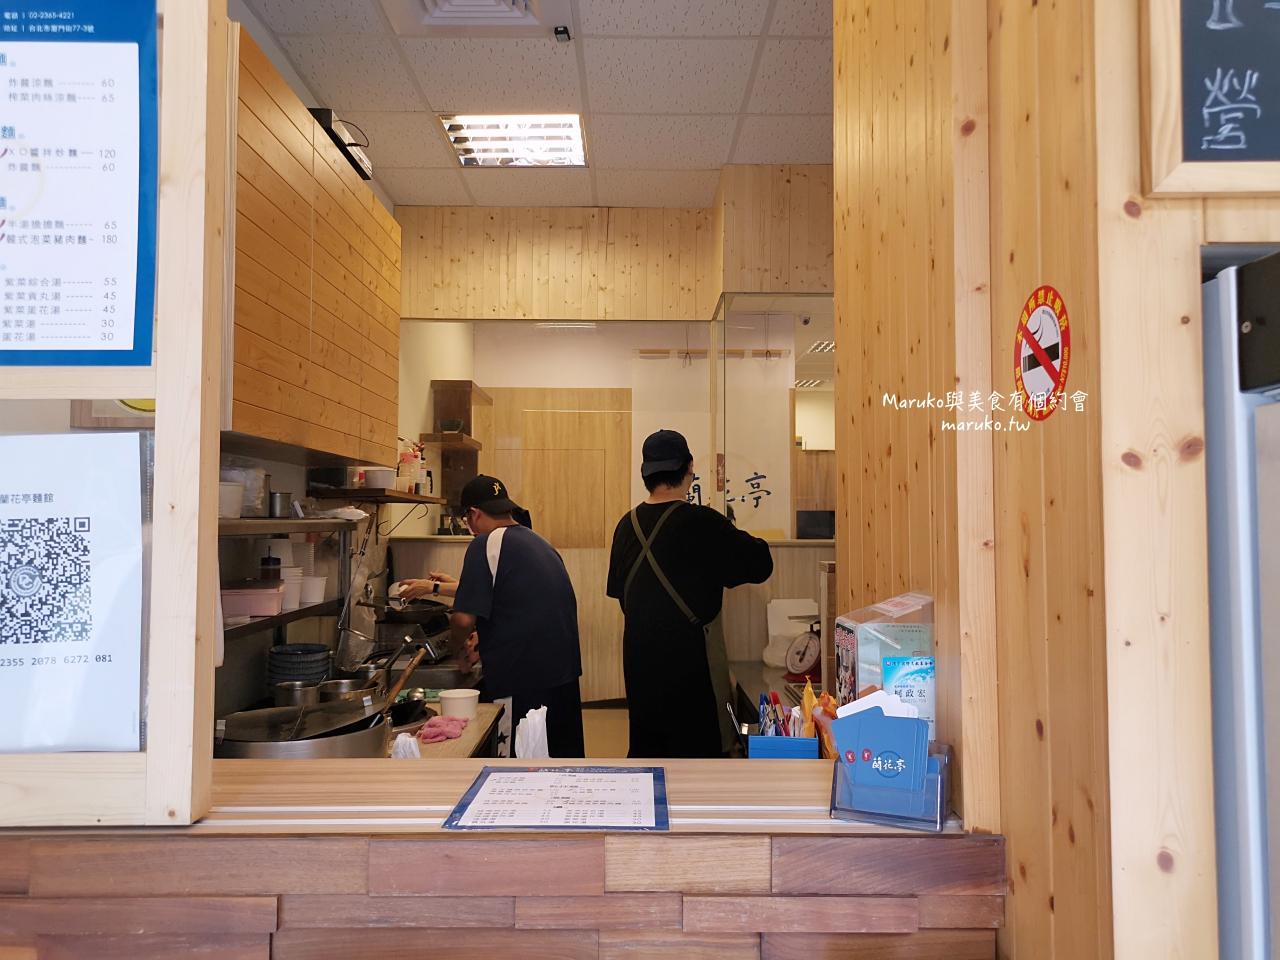 【台北】蘭花亭 五十年老字號川味涼麵 改裝重新出發 捷運古亭站美食 @Maruko與美食有個約會